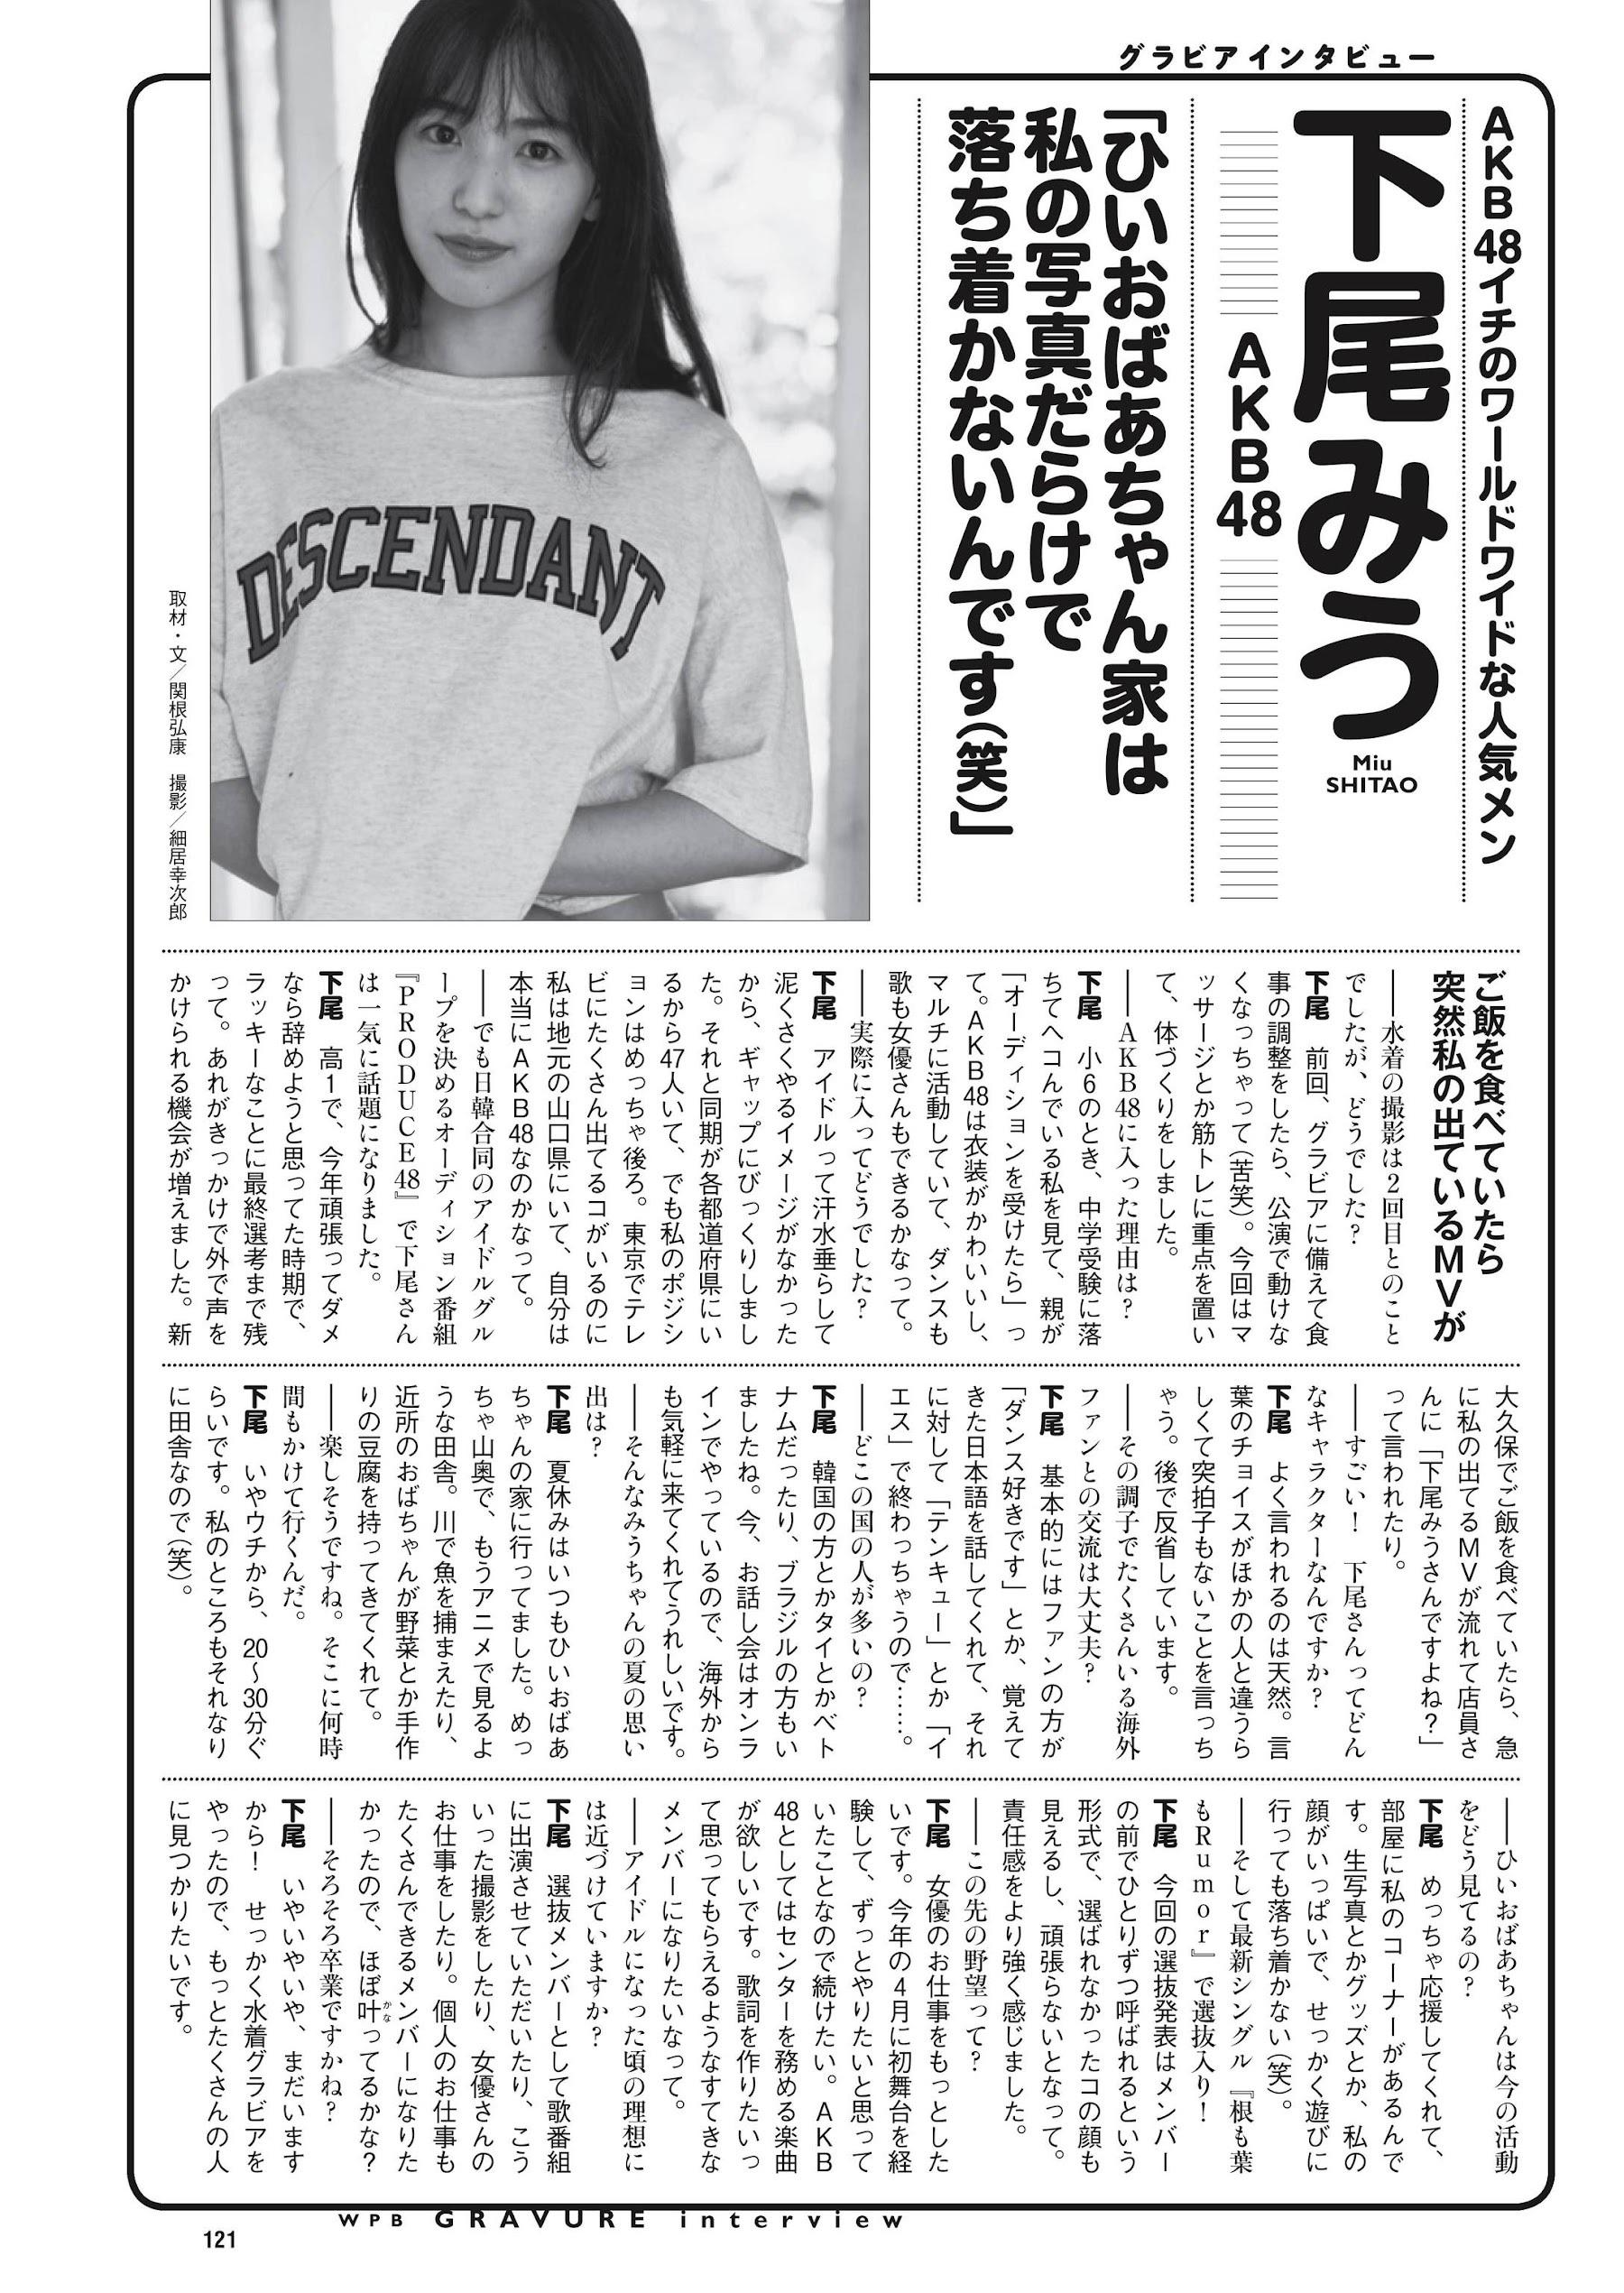 豊田ルナ 頓知気さきな あかせあかり 伊织萌-Weekly Playboy 2021年第三十五期 高清套图 第58张